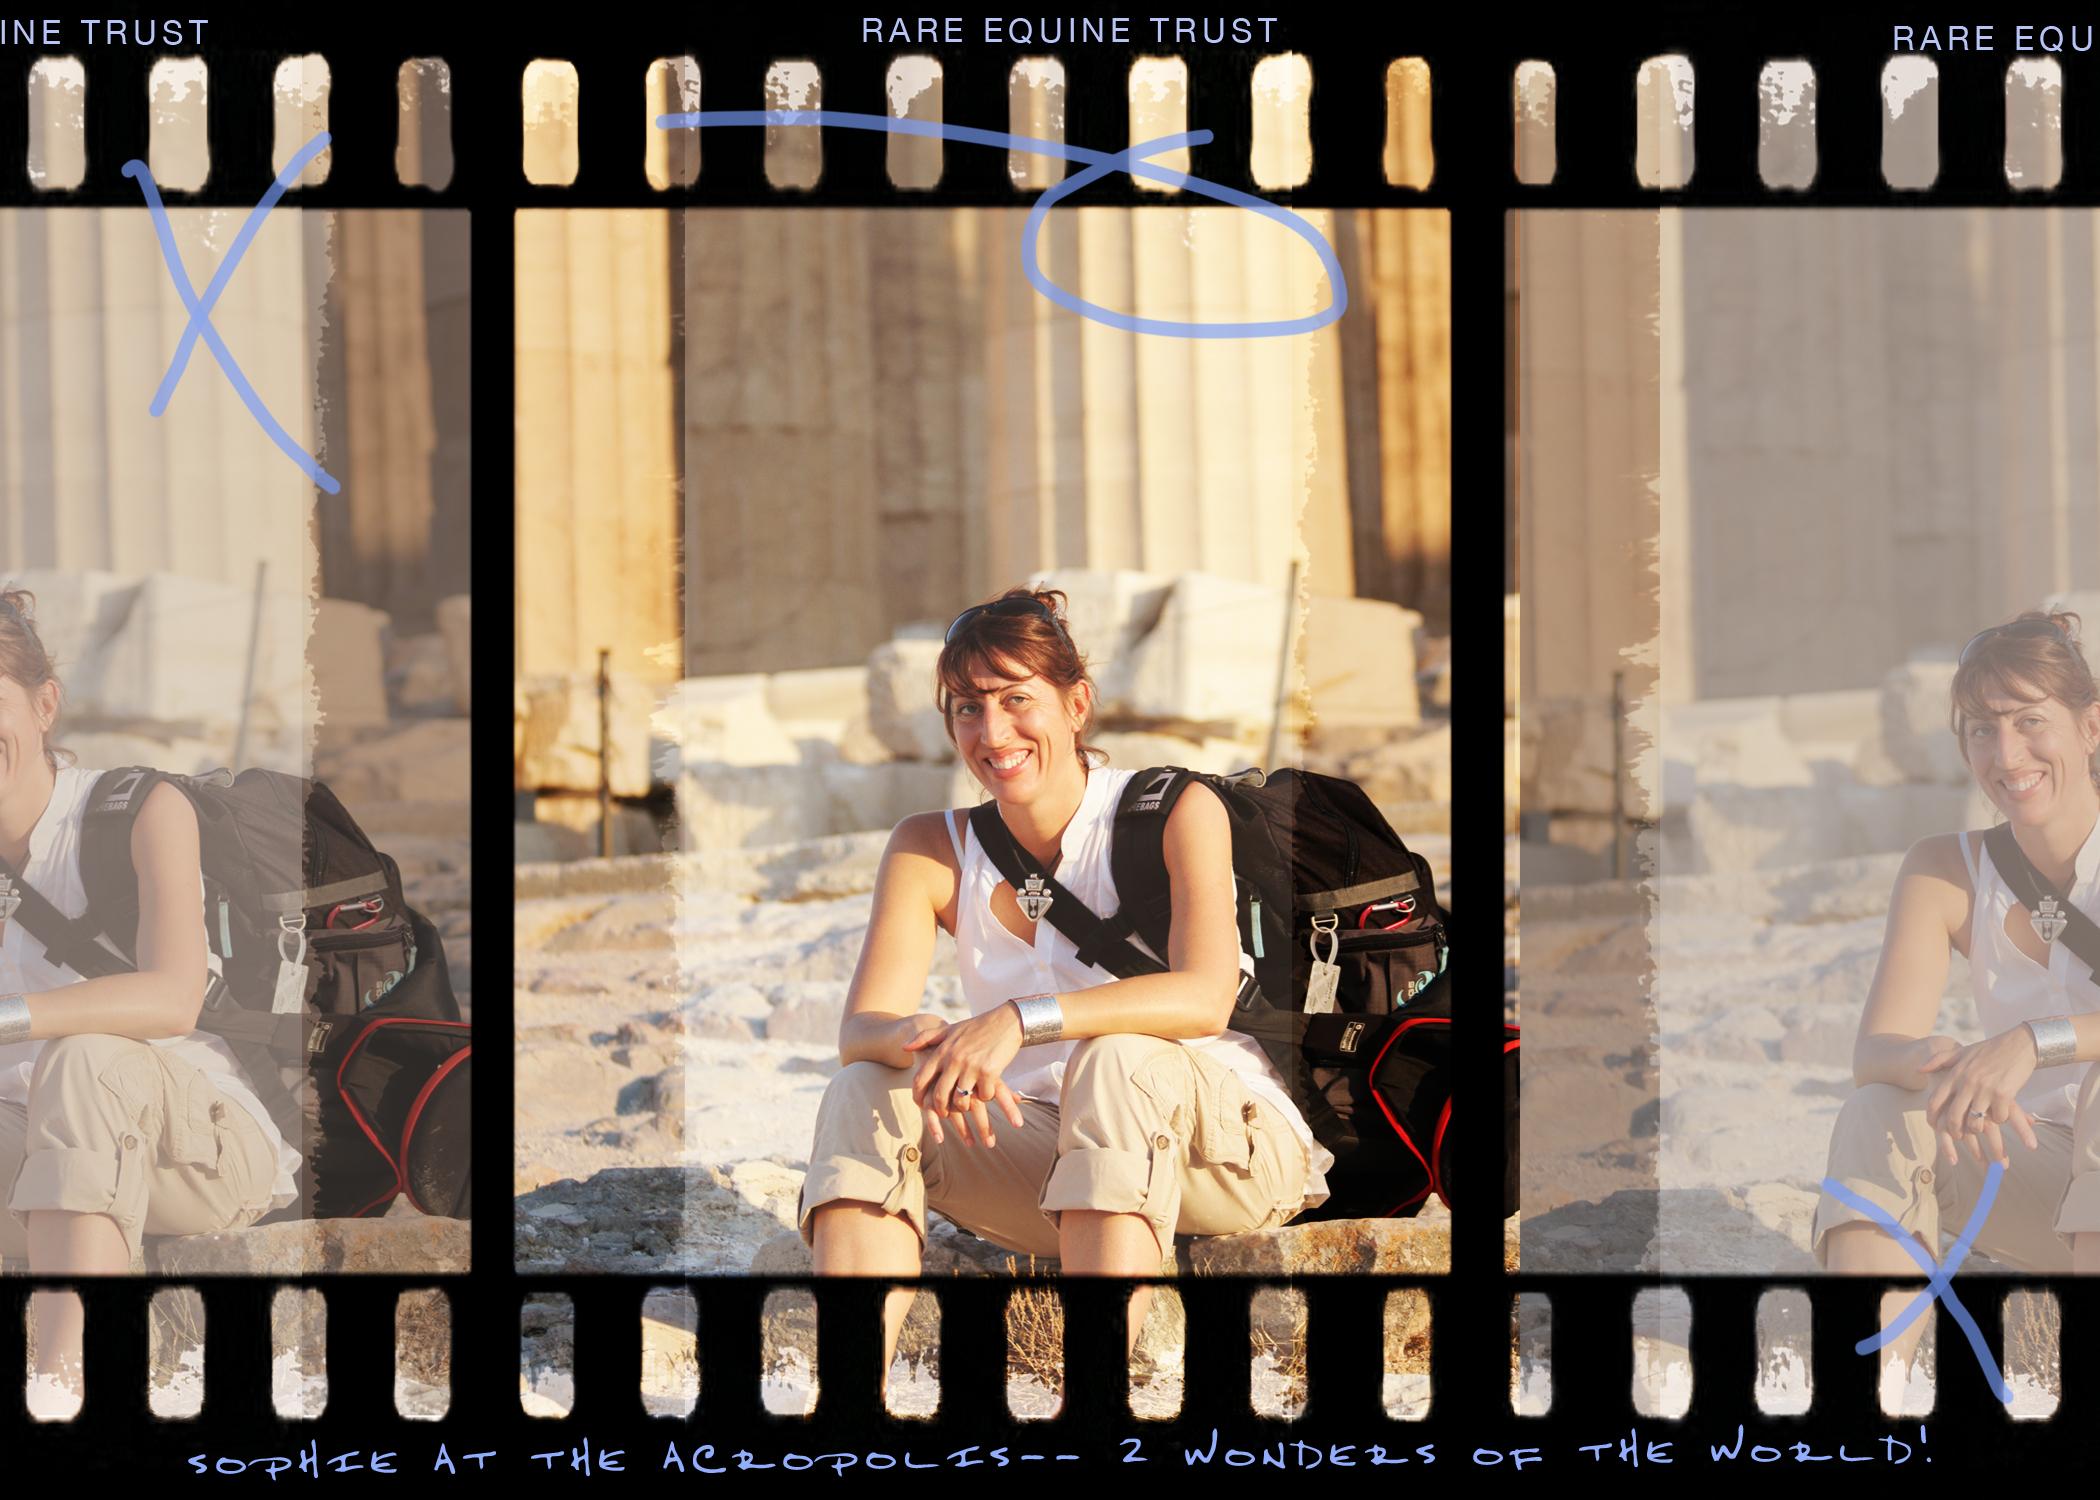 OGAK web v gallery14.jpg